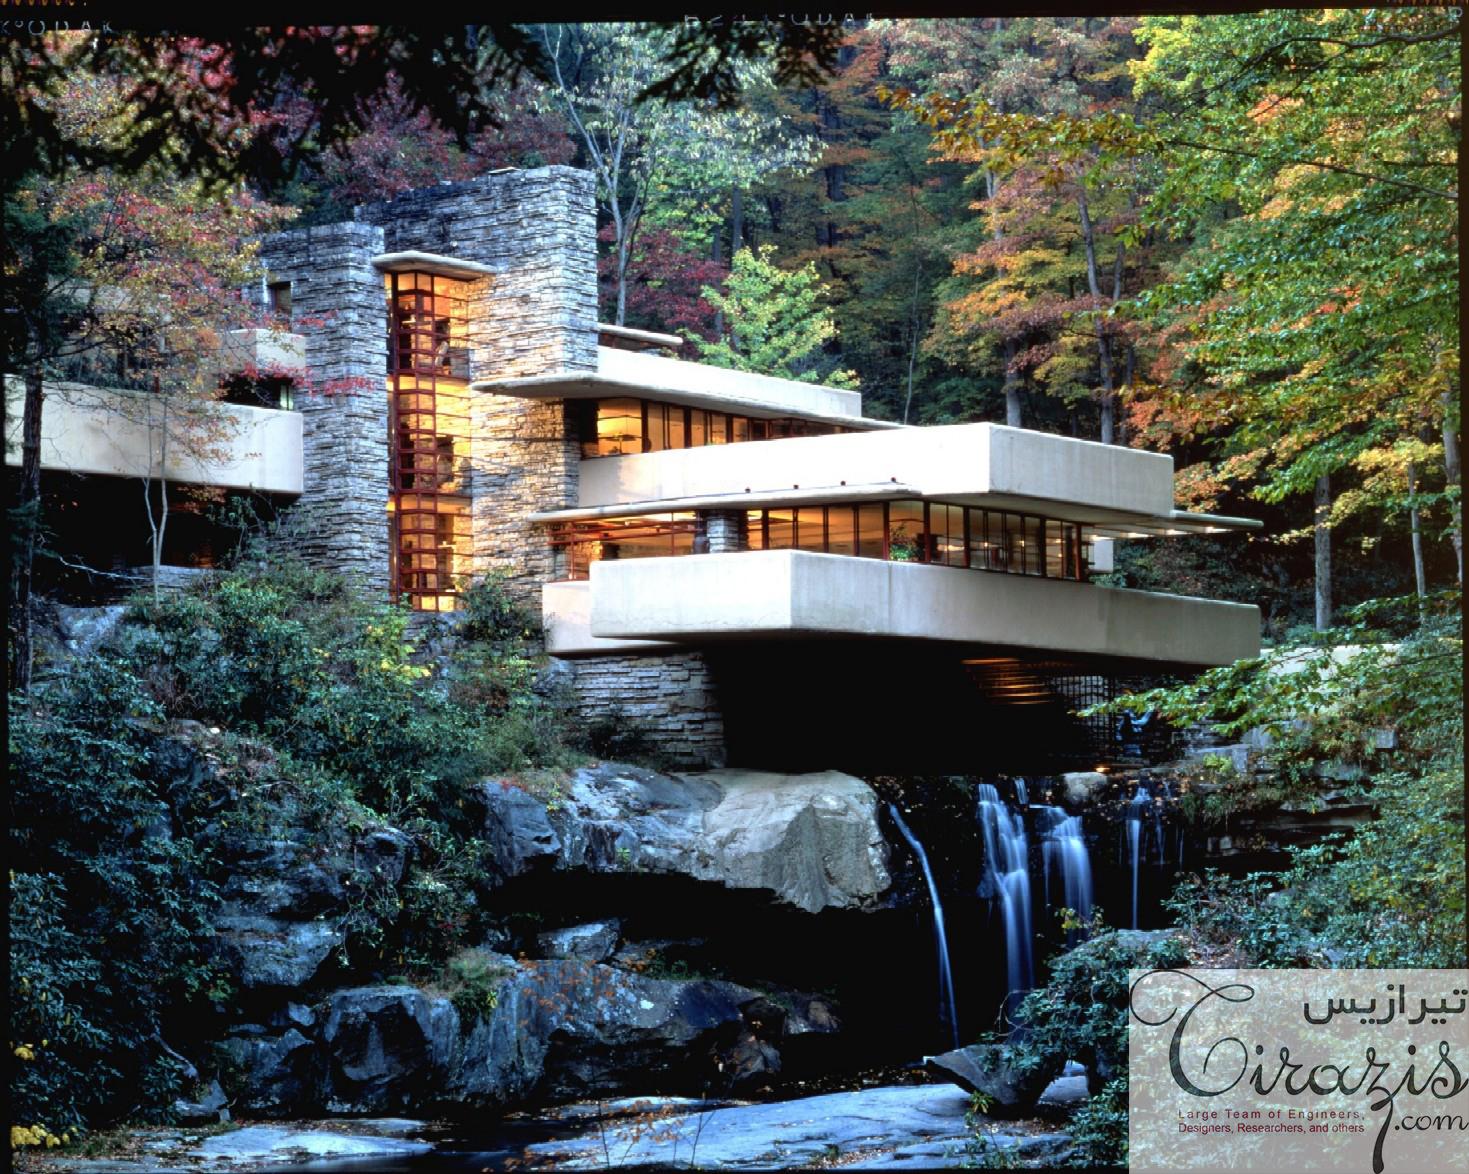 پاورپوینت معماری ارگانیک